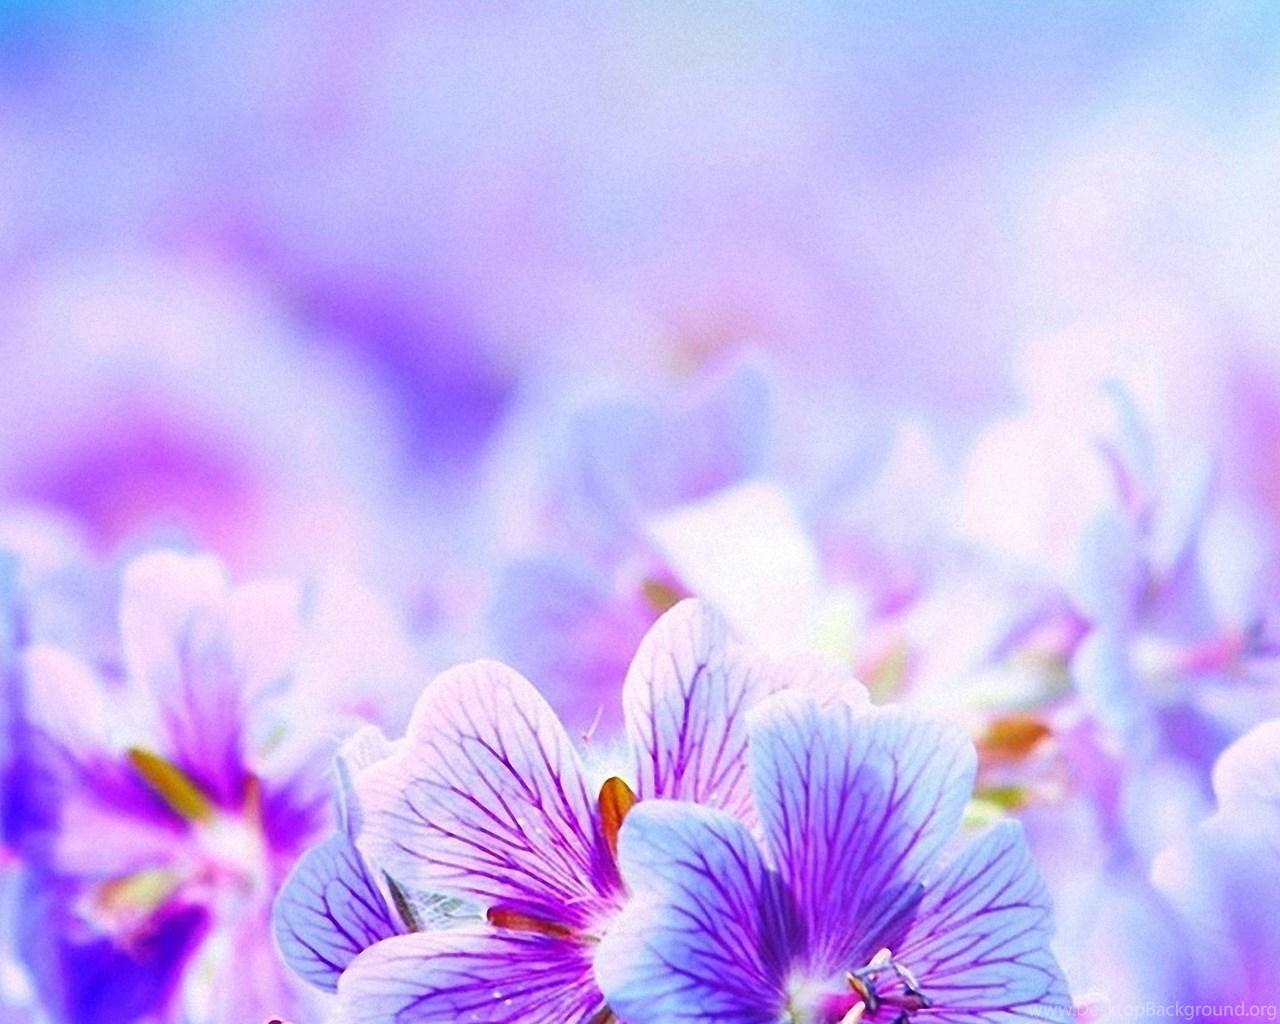 Purple Iphone 6 Wallpaper 14276 Wallpaper: Purple Pretty Flowers IPhone 6s Wallpapers HD Desktop